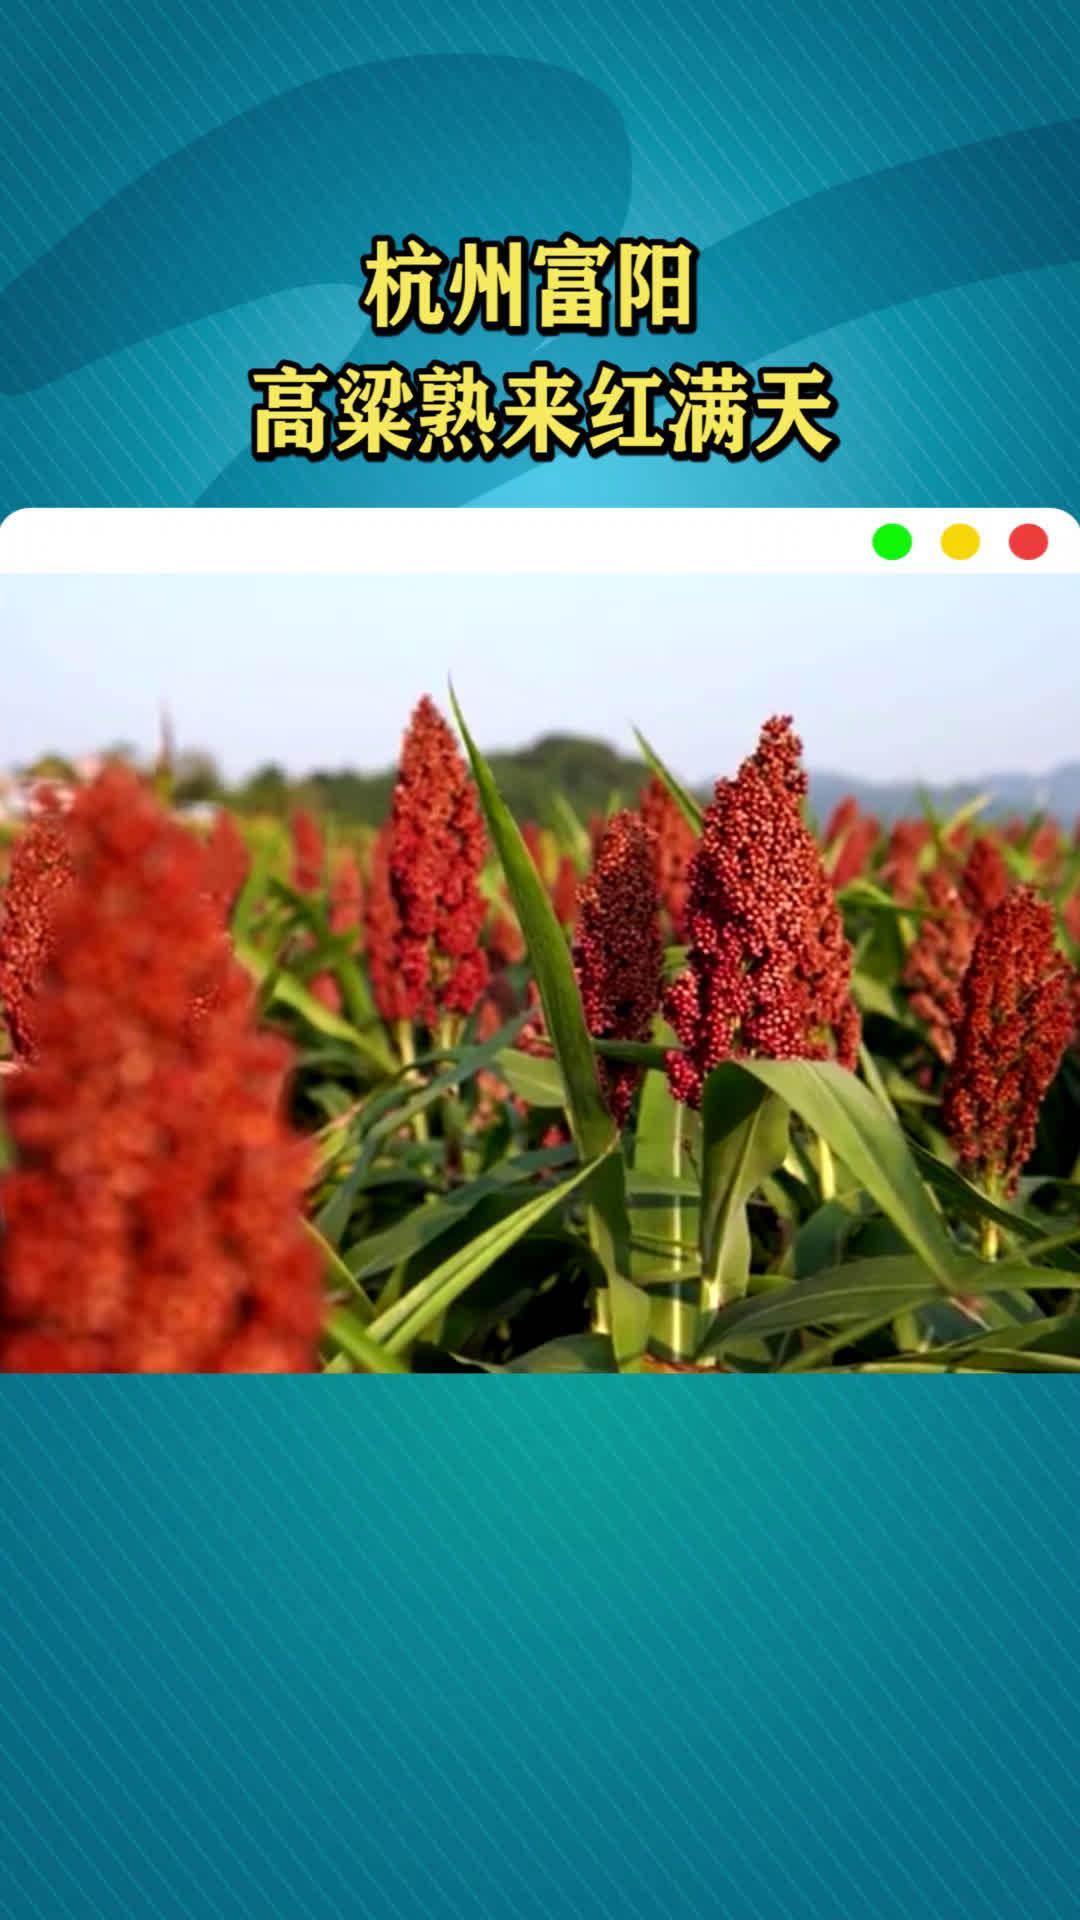 杭州富阳:高粱熟来红满天